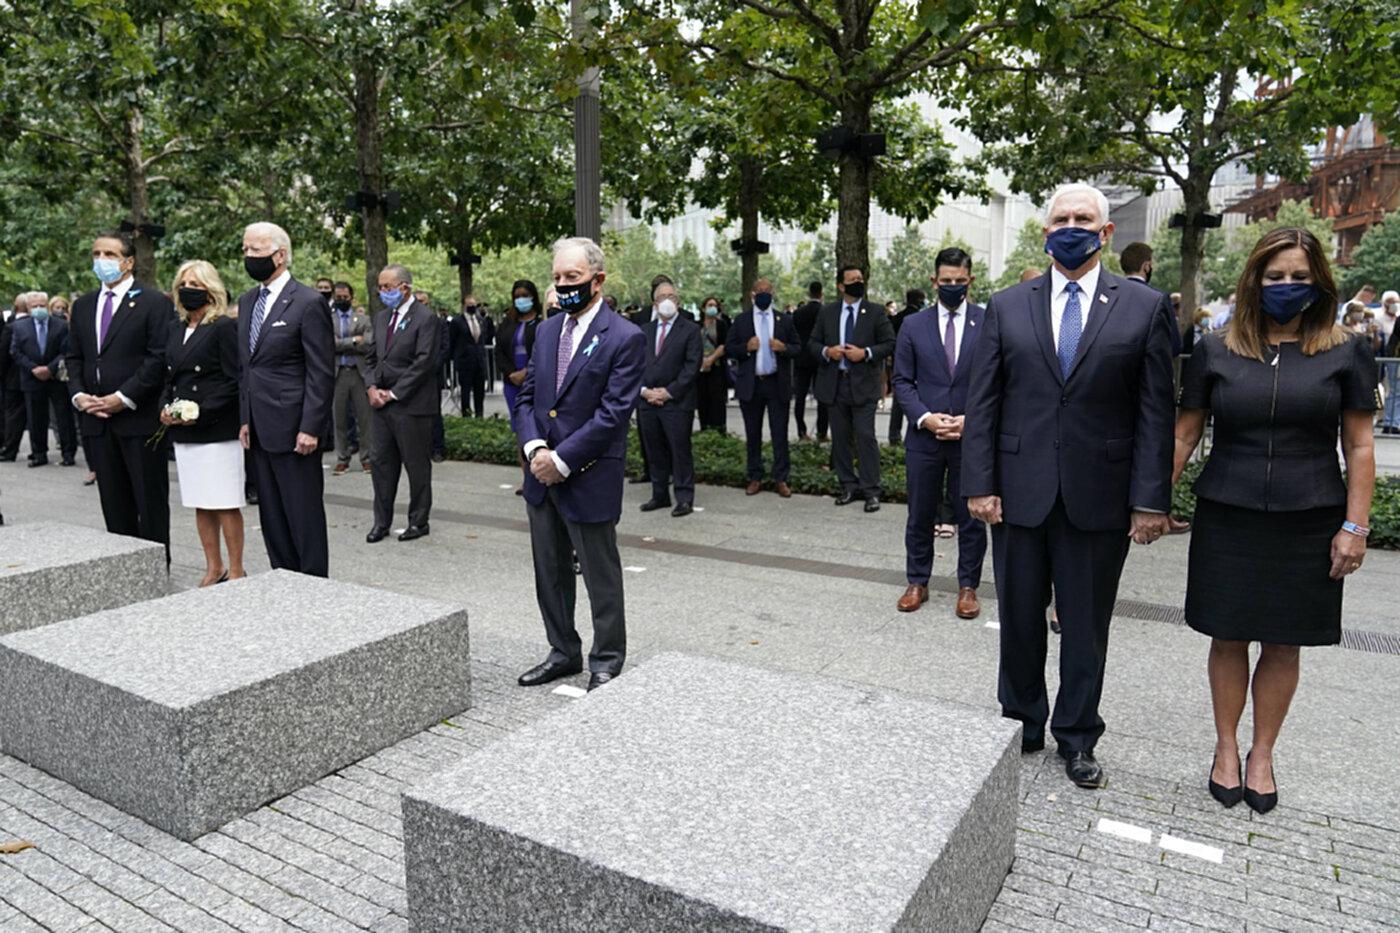 ไบเดนวอนชาวอเมริกันทุกคนเป็นหนึ่งเดียวกันเพื่อรำลึกเหตุวินาศกรรม 9/11